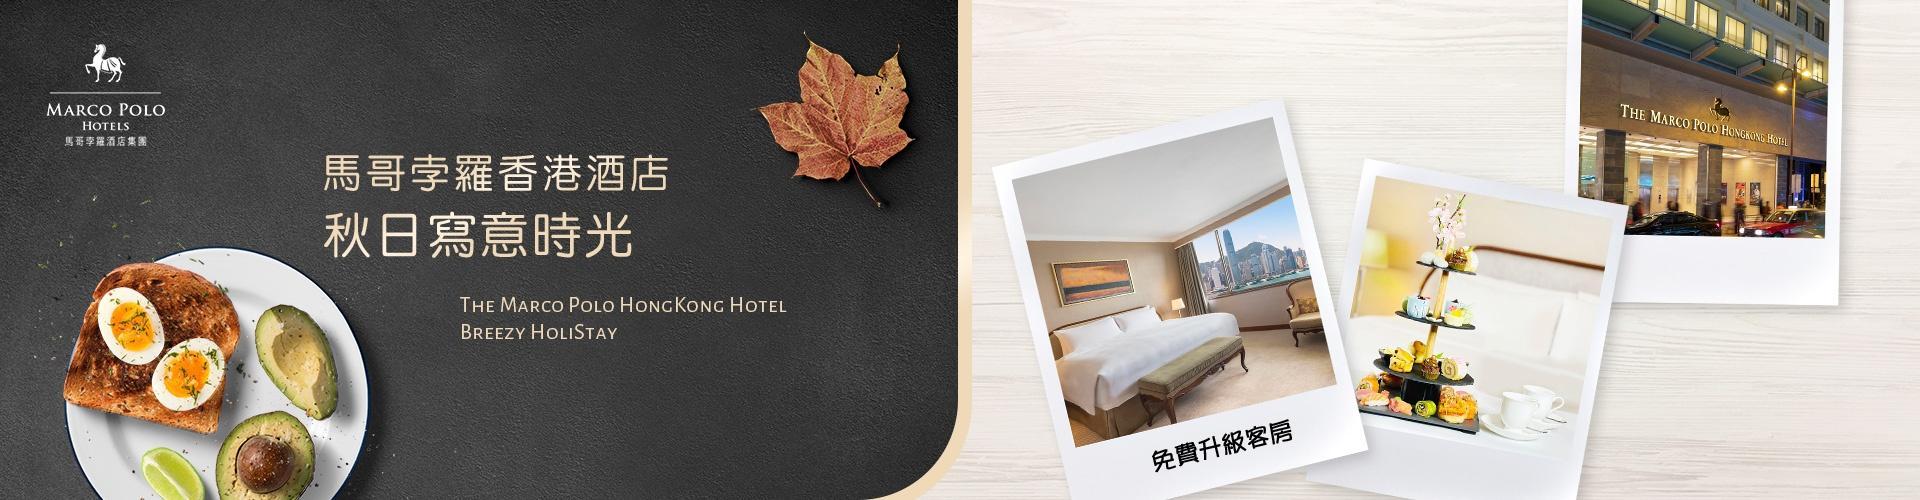 馬哥孛羅香港酒店「秋日寫意時光」